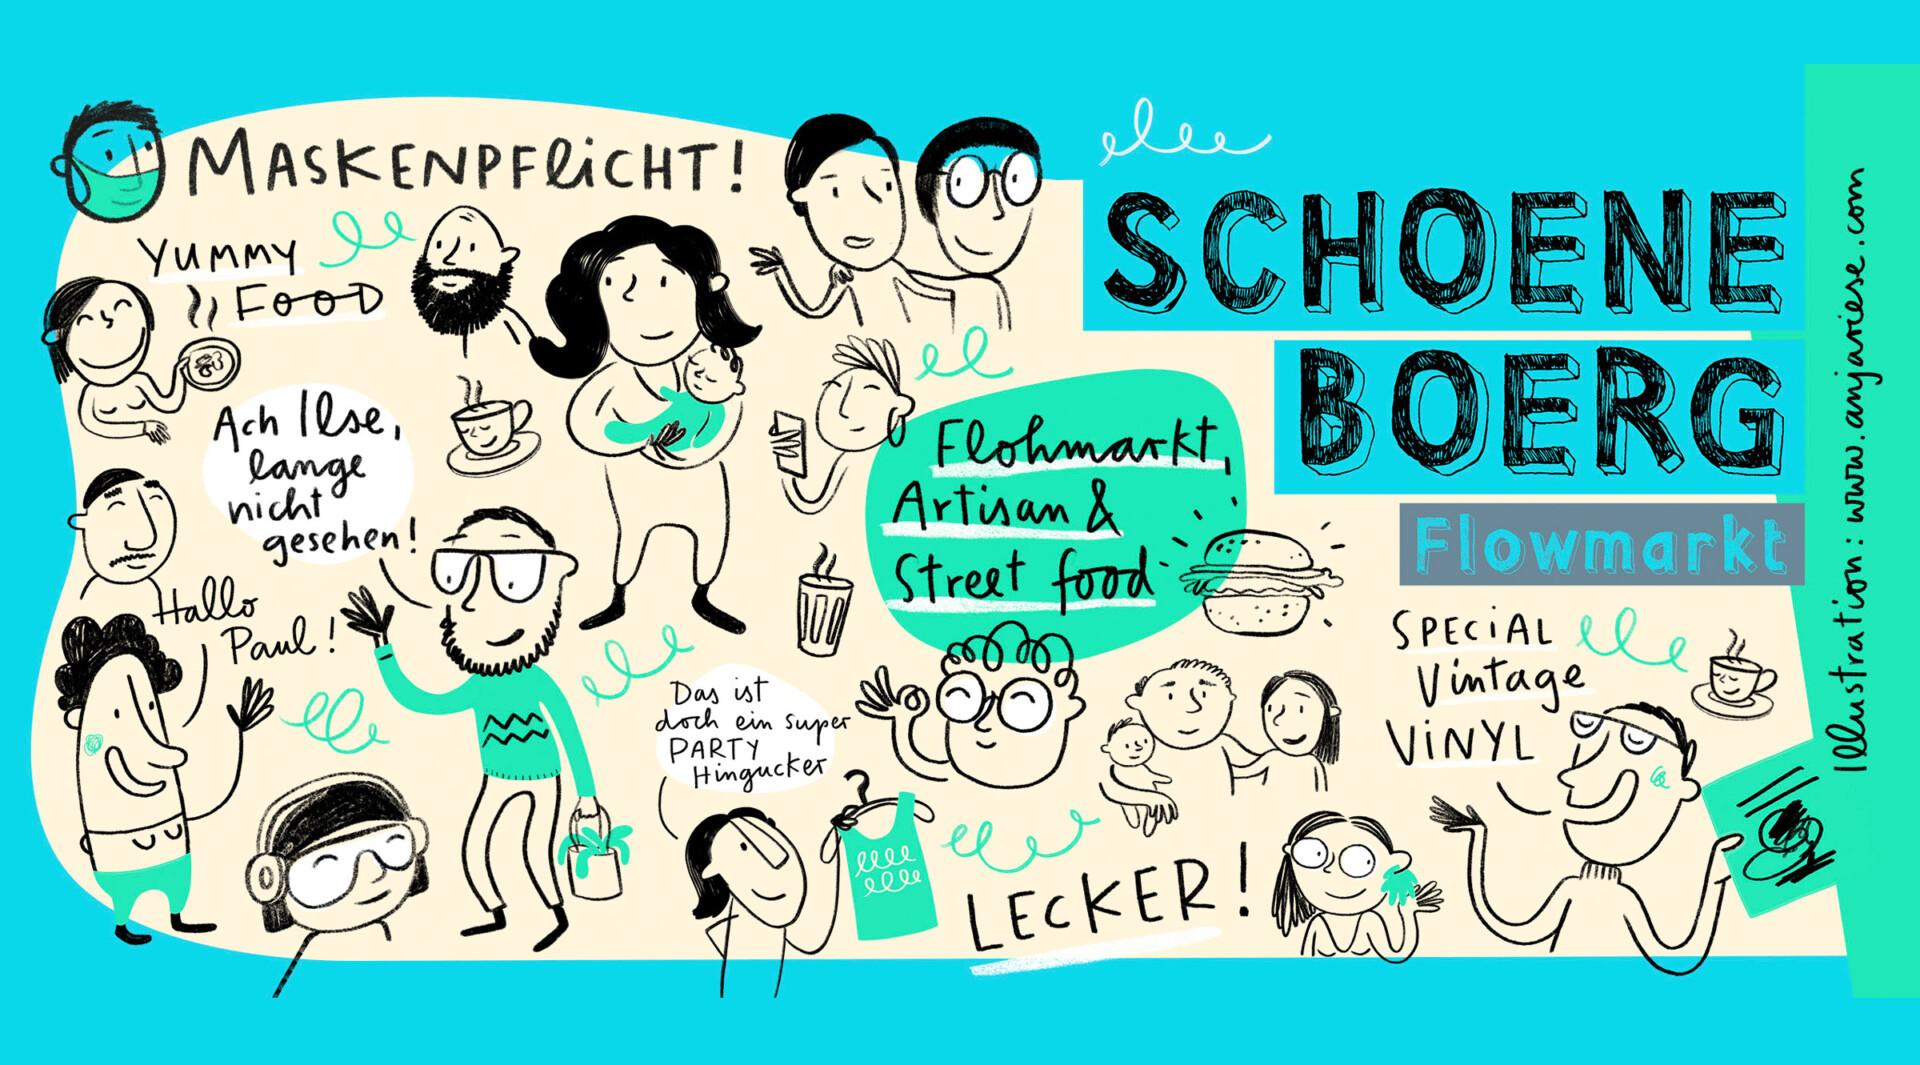 Illustration für den Schoeneboerg Flowmarkt